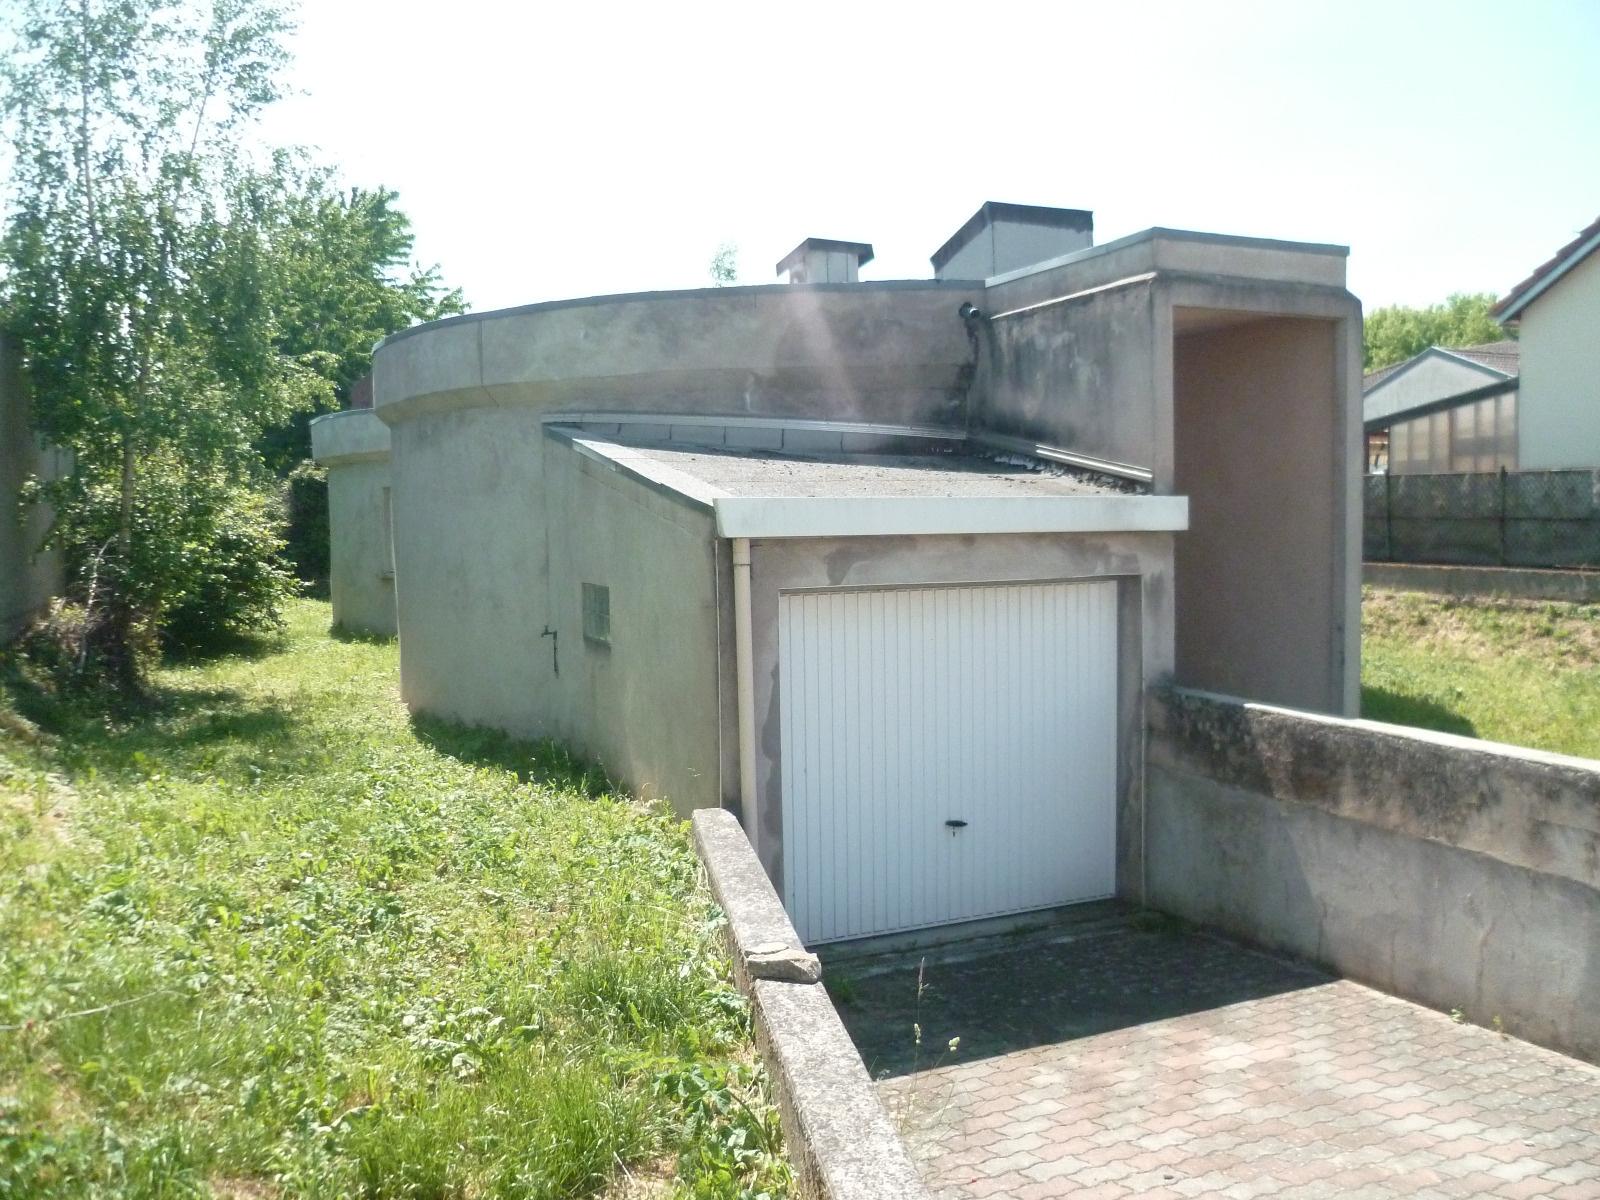 Vente pavillon saint nicolas de port - Bouko immobilier saint nicolas de port ...